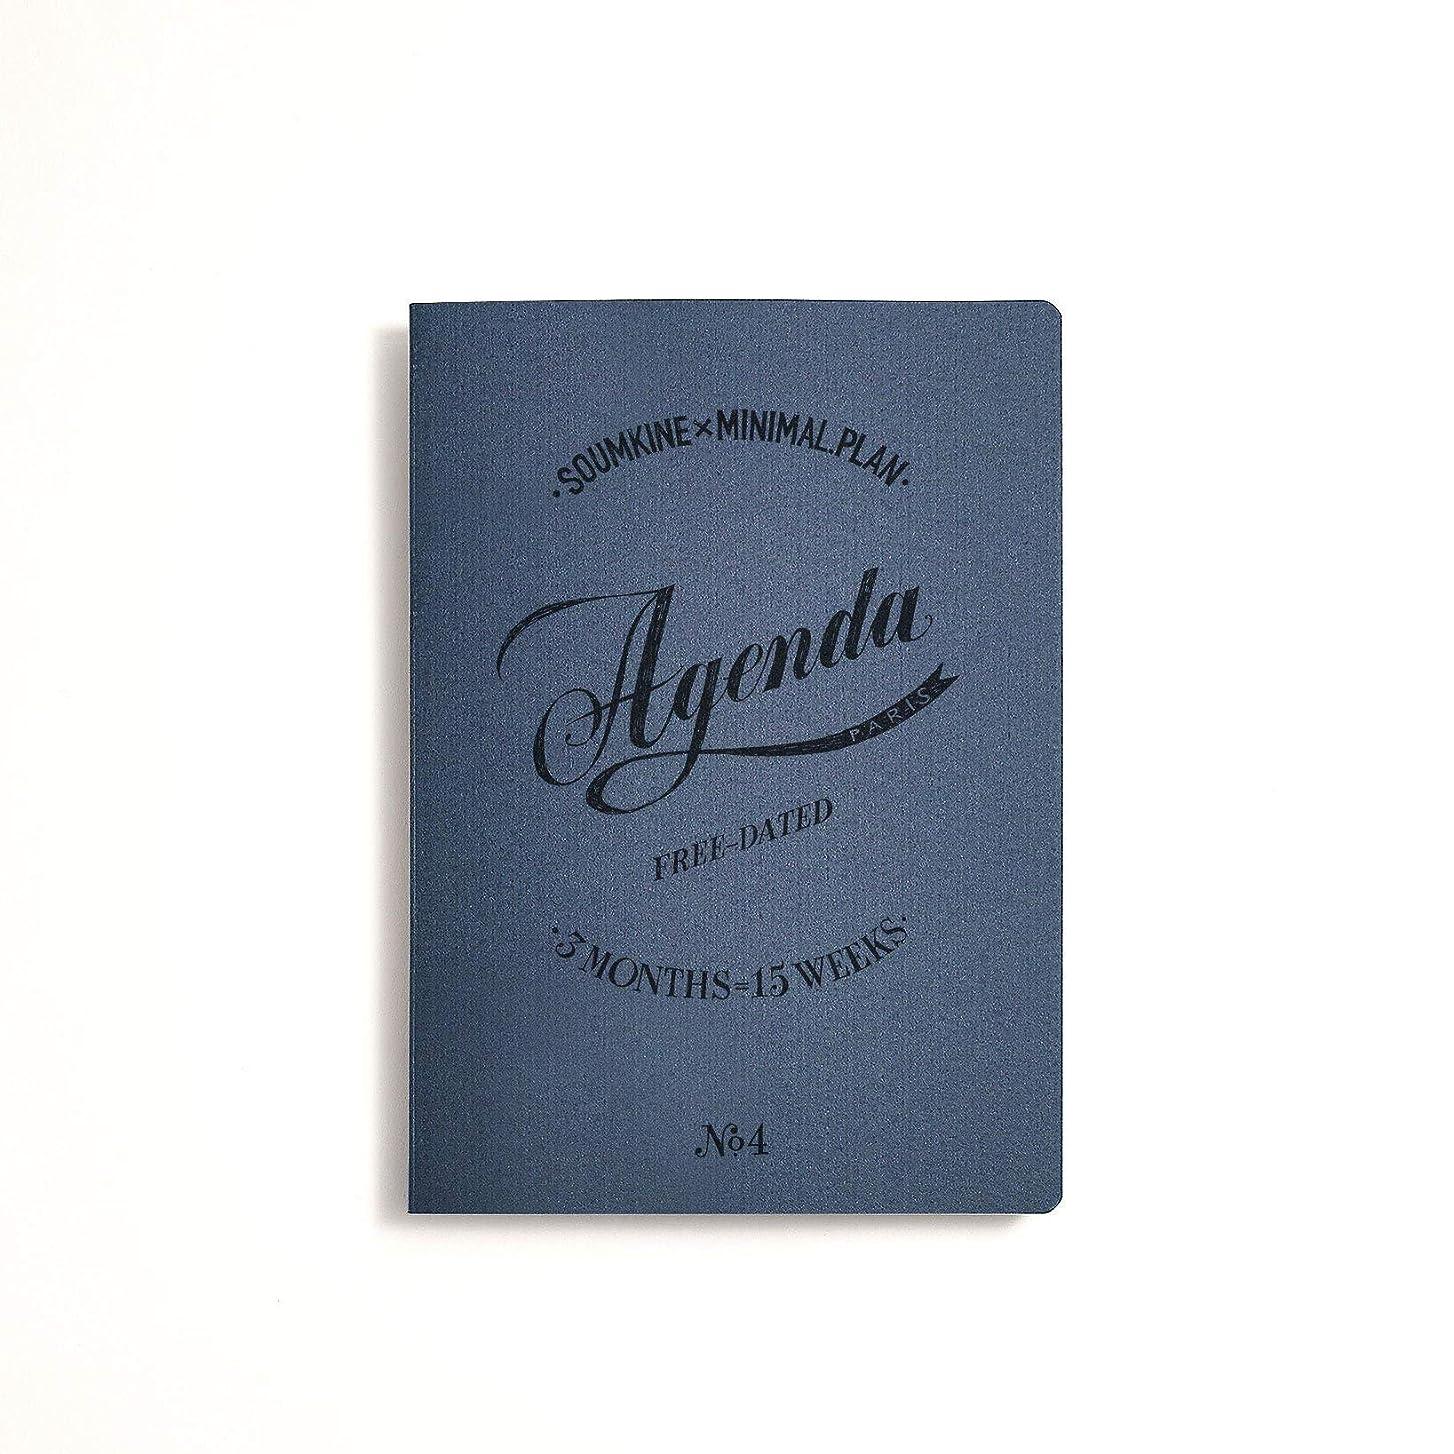 暴徒からに変化する落胆したスムキン 手帳 A5 フリープランナー ミニマルプラン コラボノート 2冊セット ネイビー FD1-01-2